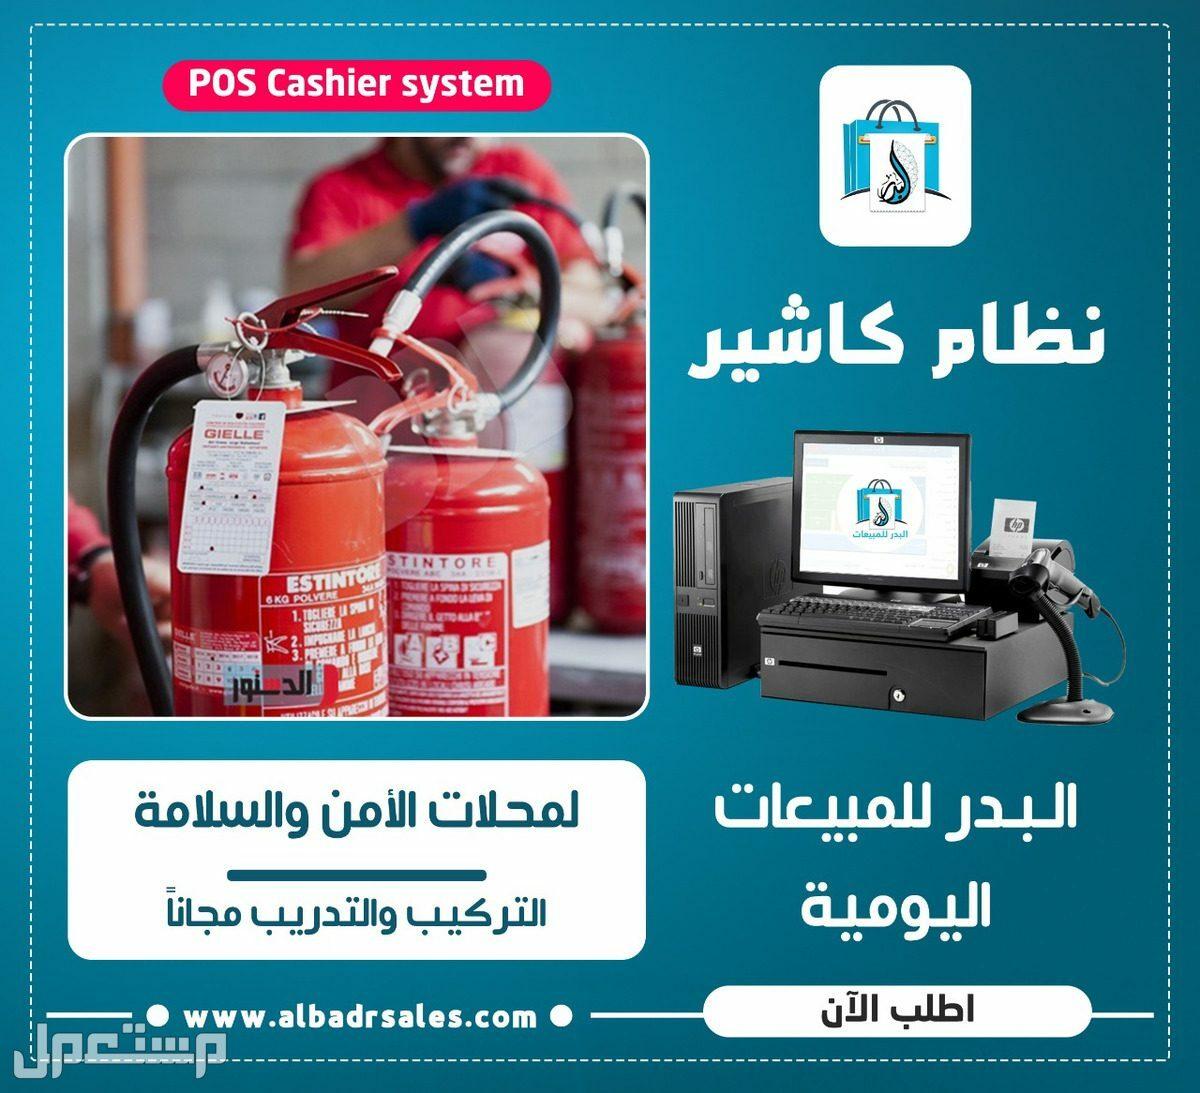 برنامج كاشير ومبيعات لمحلات الأدوات الصحية والسيراميك